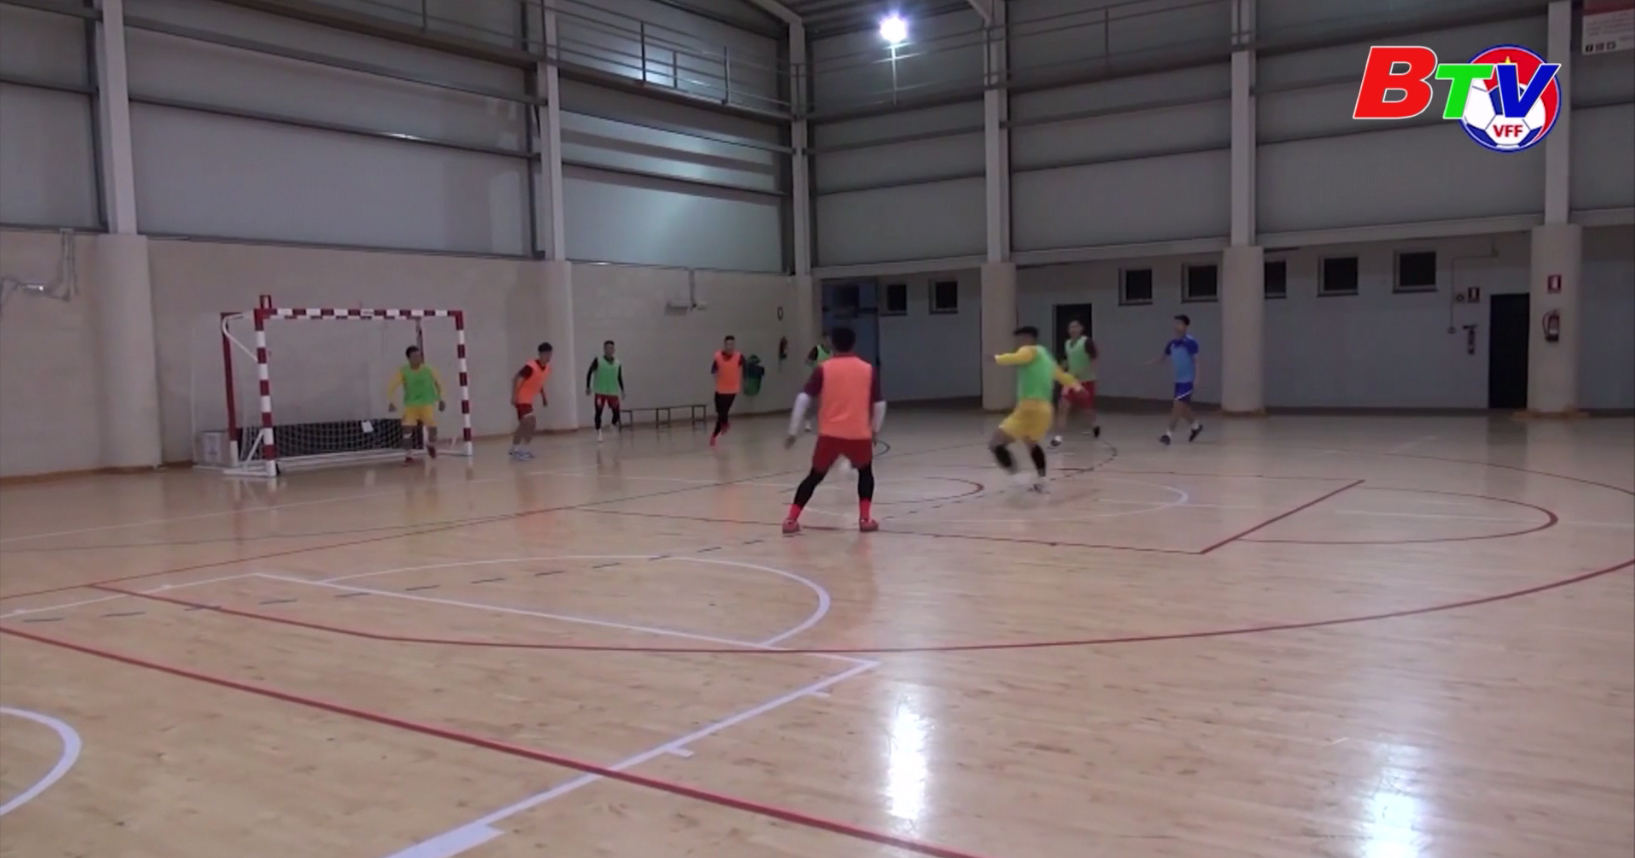 Đội tuyển futsal Việt Nam hội quân, hướng tới Vòng chung kết futsal châu Á 2020